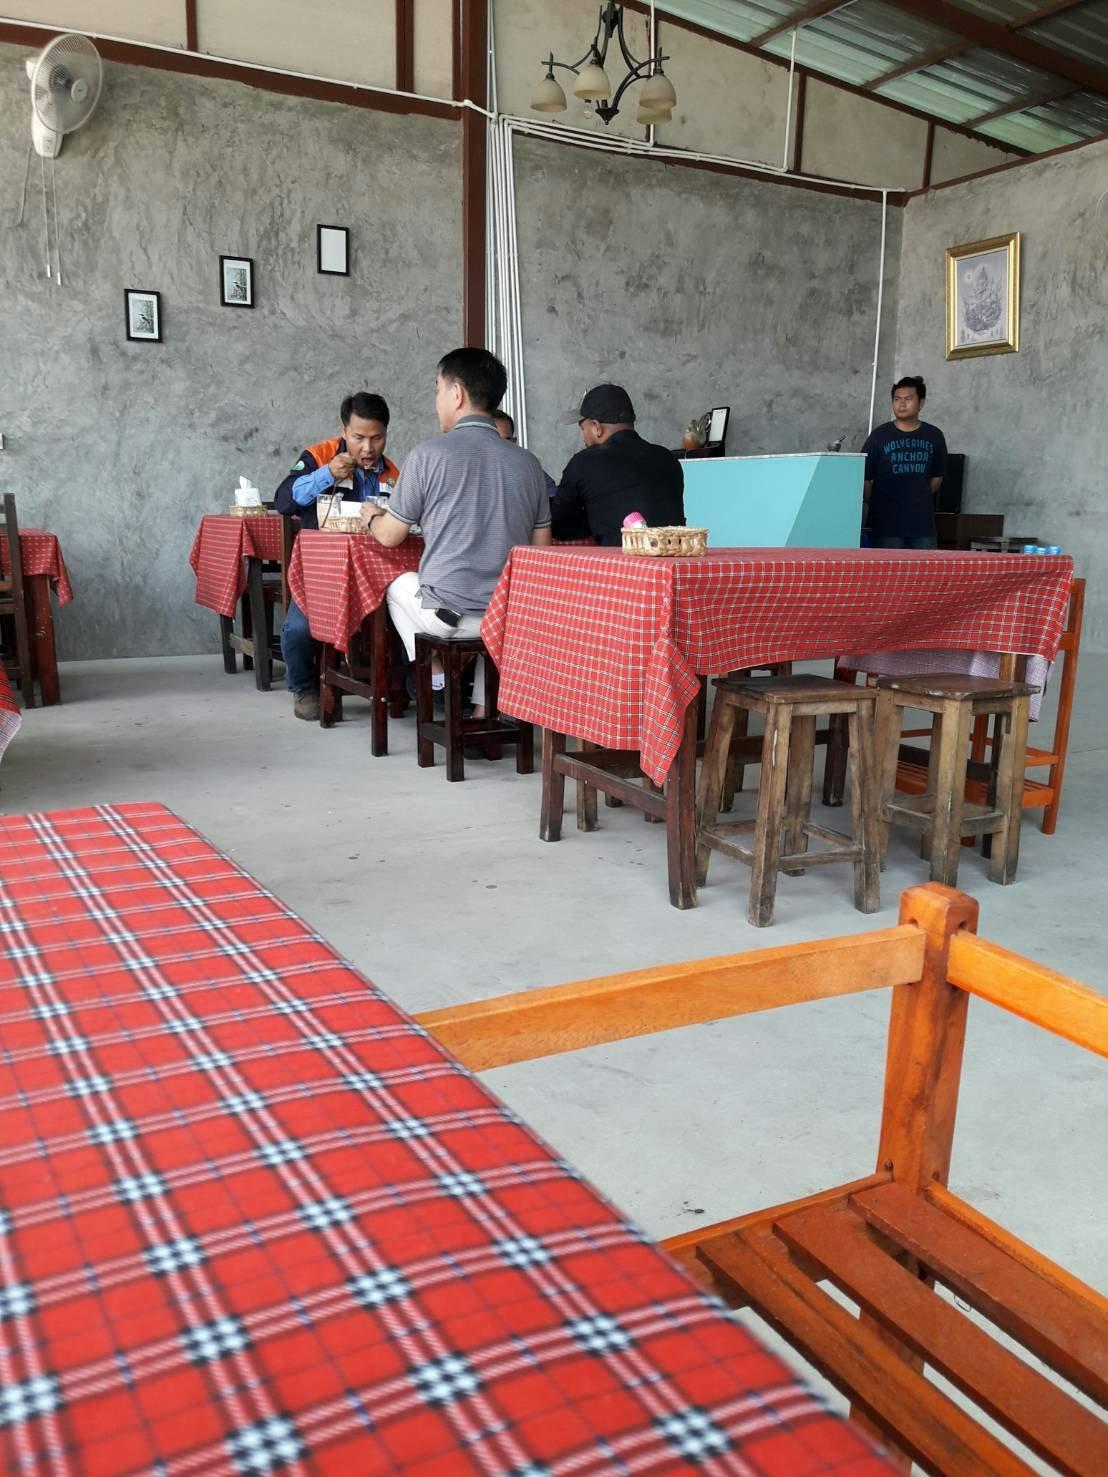 Jidapha Kaiyang Khao Suan Kwang Restaurant